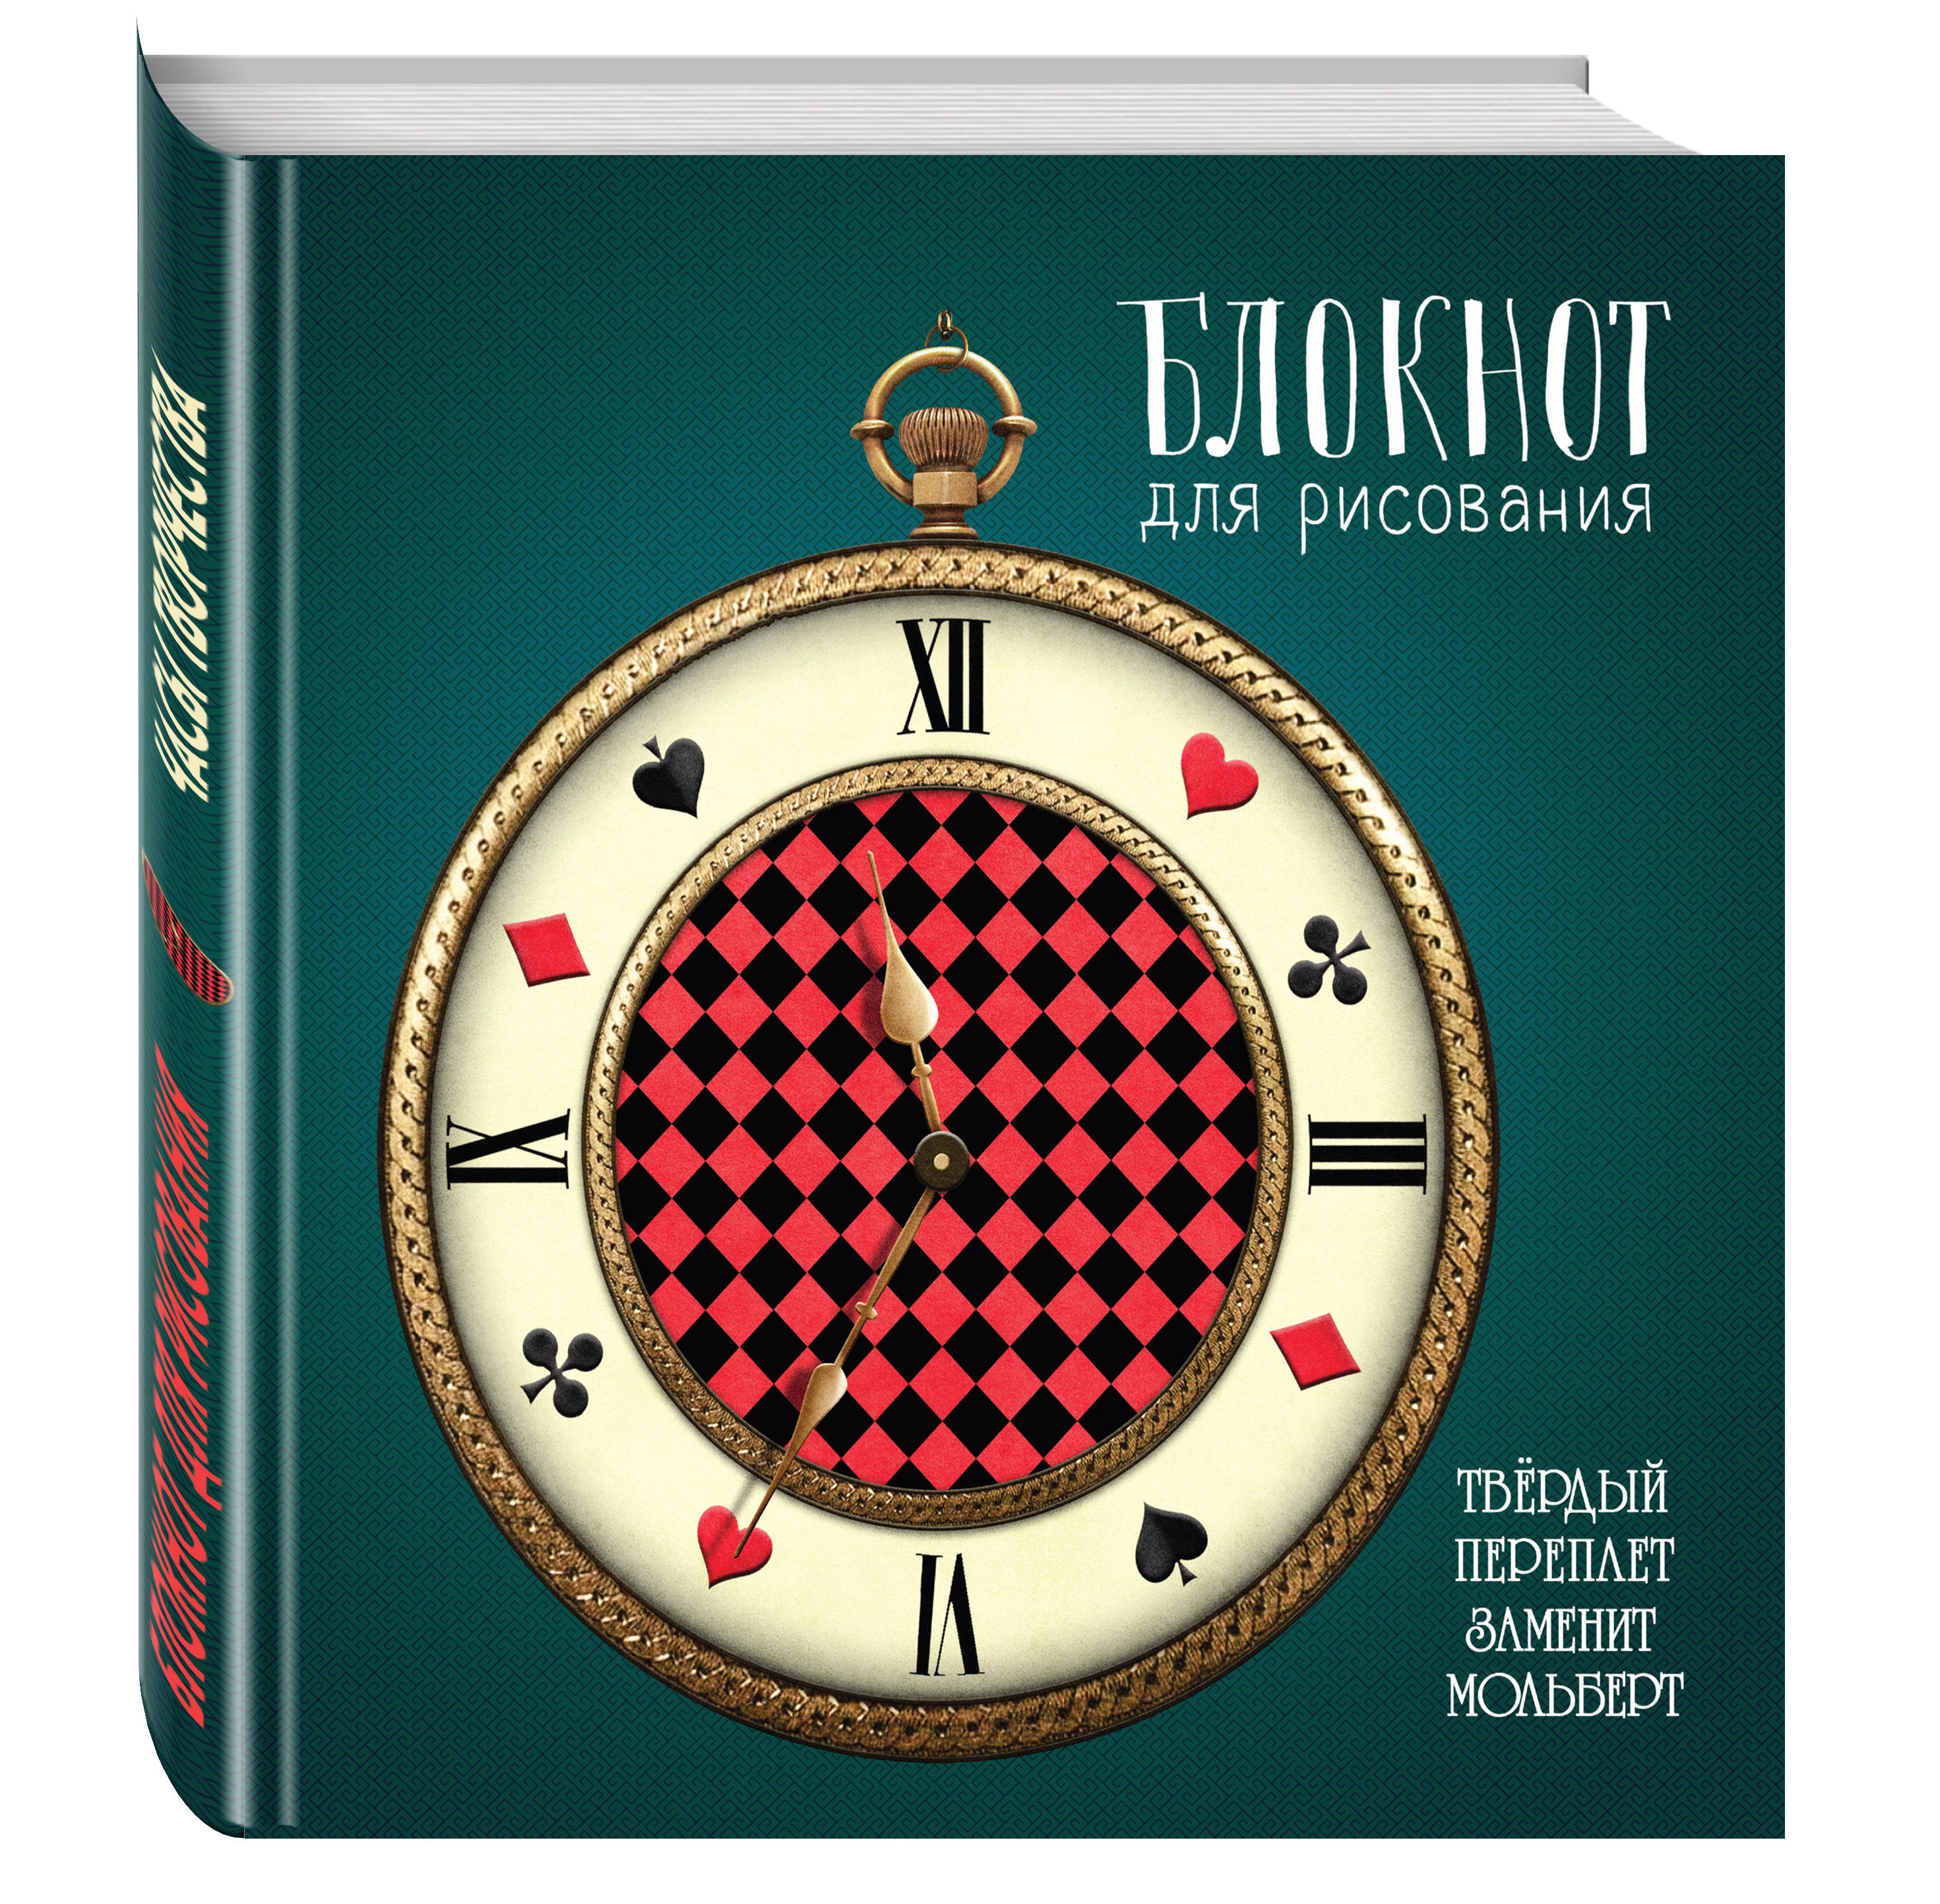 """Блокнот для рисования """"Часы творчества"""" (твёрдый переплёт, 96 л., большой формат, 255х255 мм) от book24.ru"""